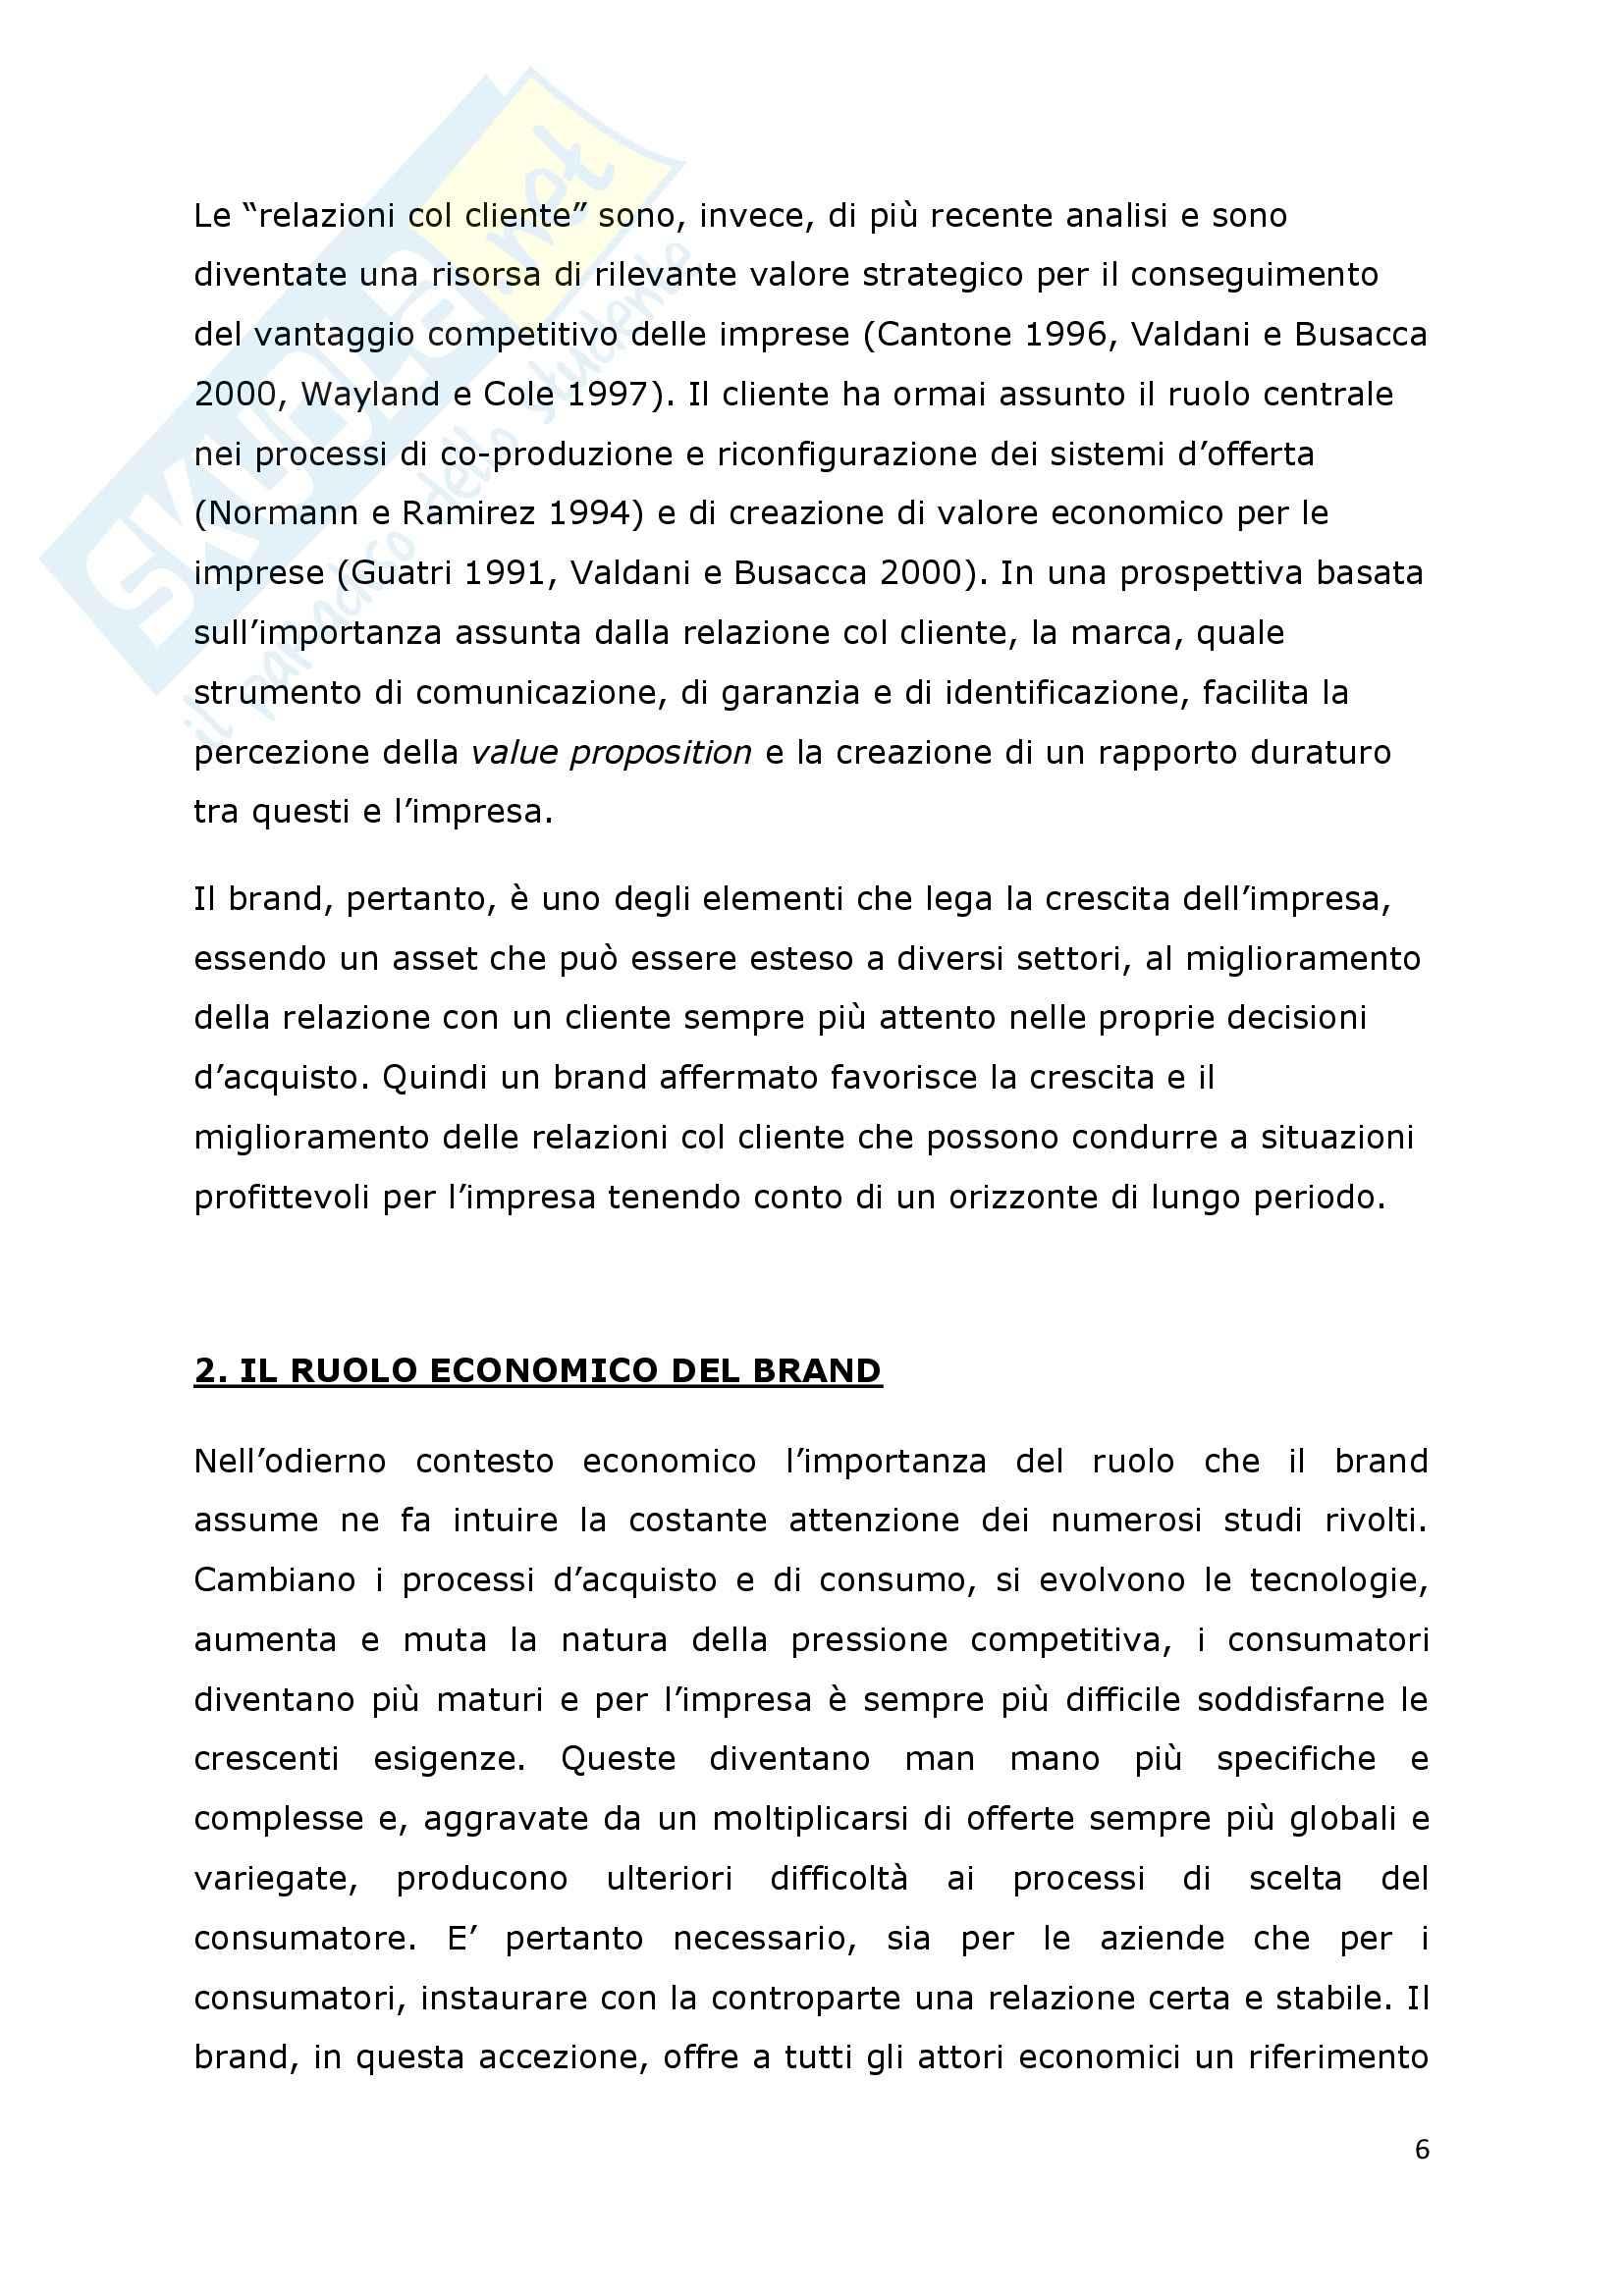 Tesi - I fattori di successo della brand extension: il ruolo del brand to category fit – il caso Callipo Pag. 6